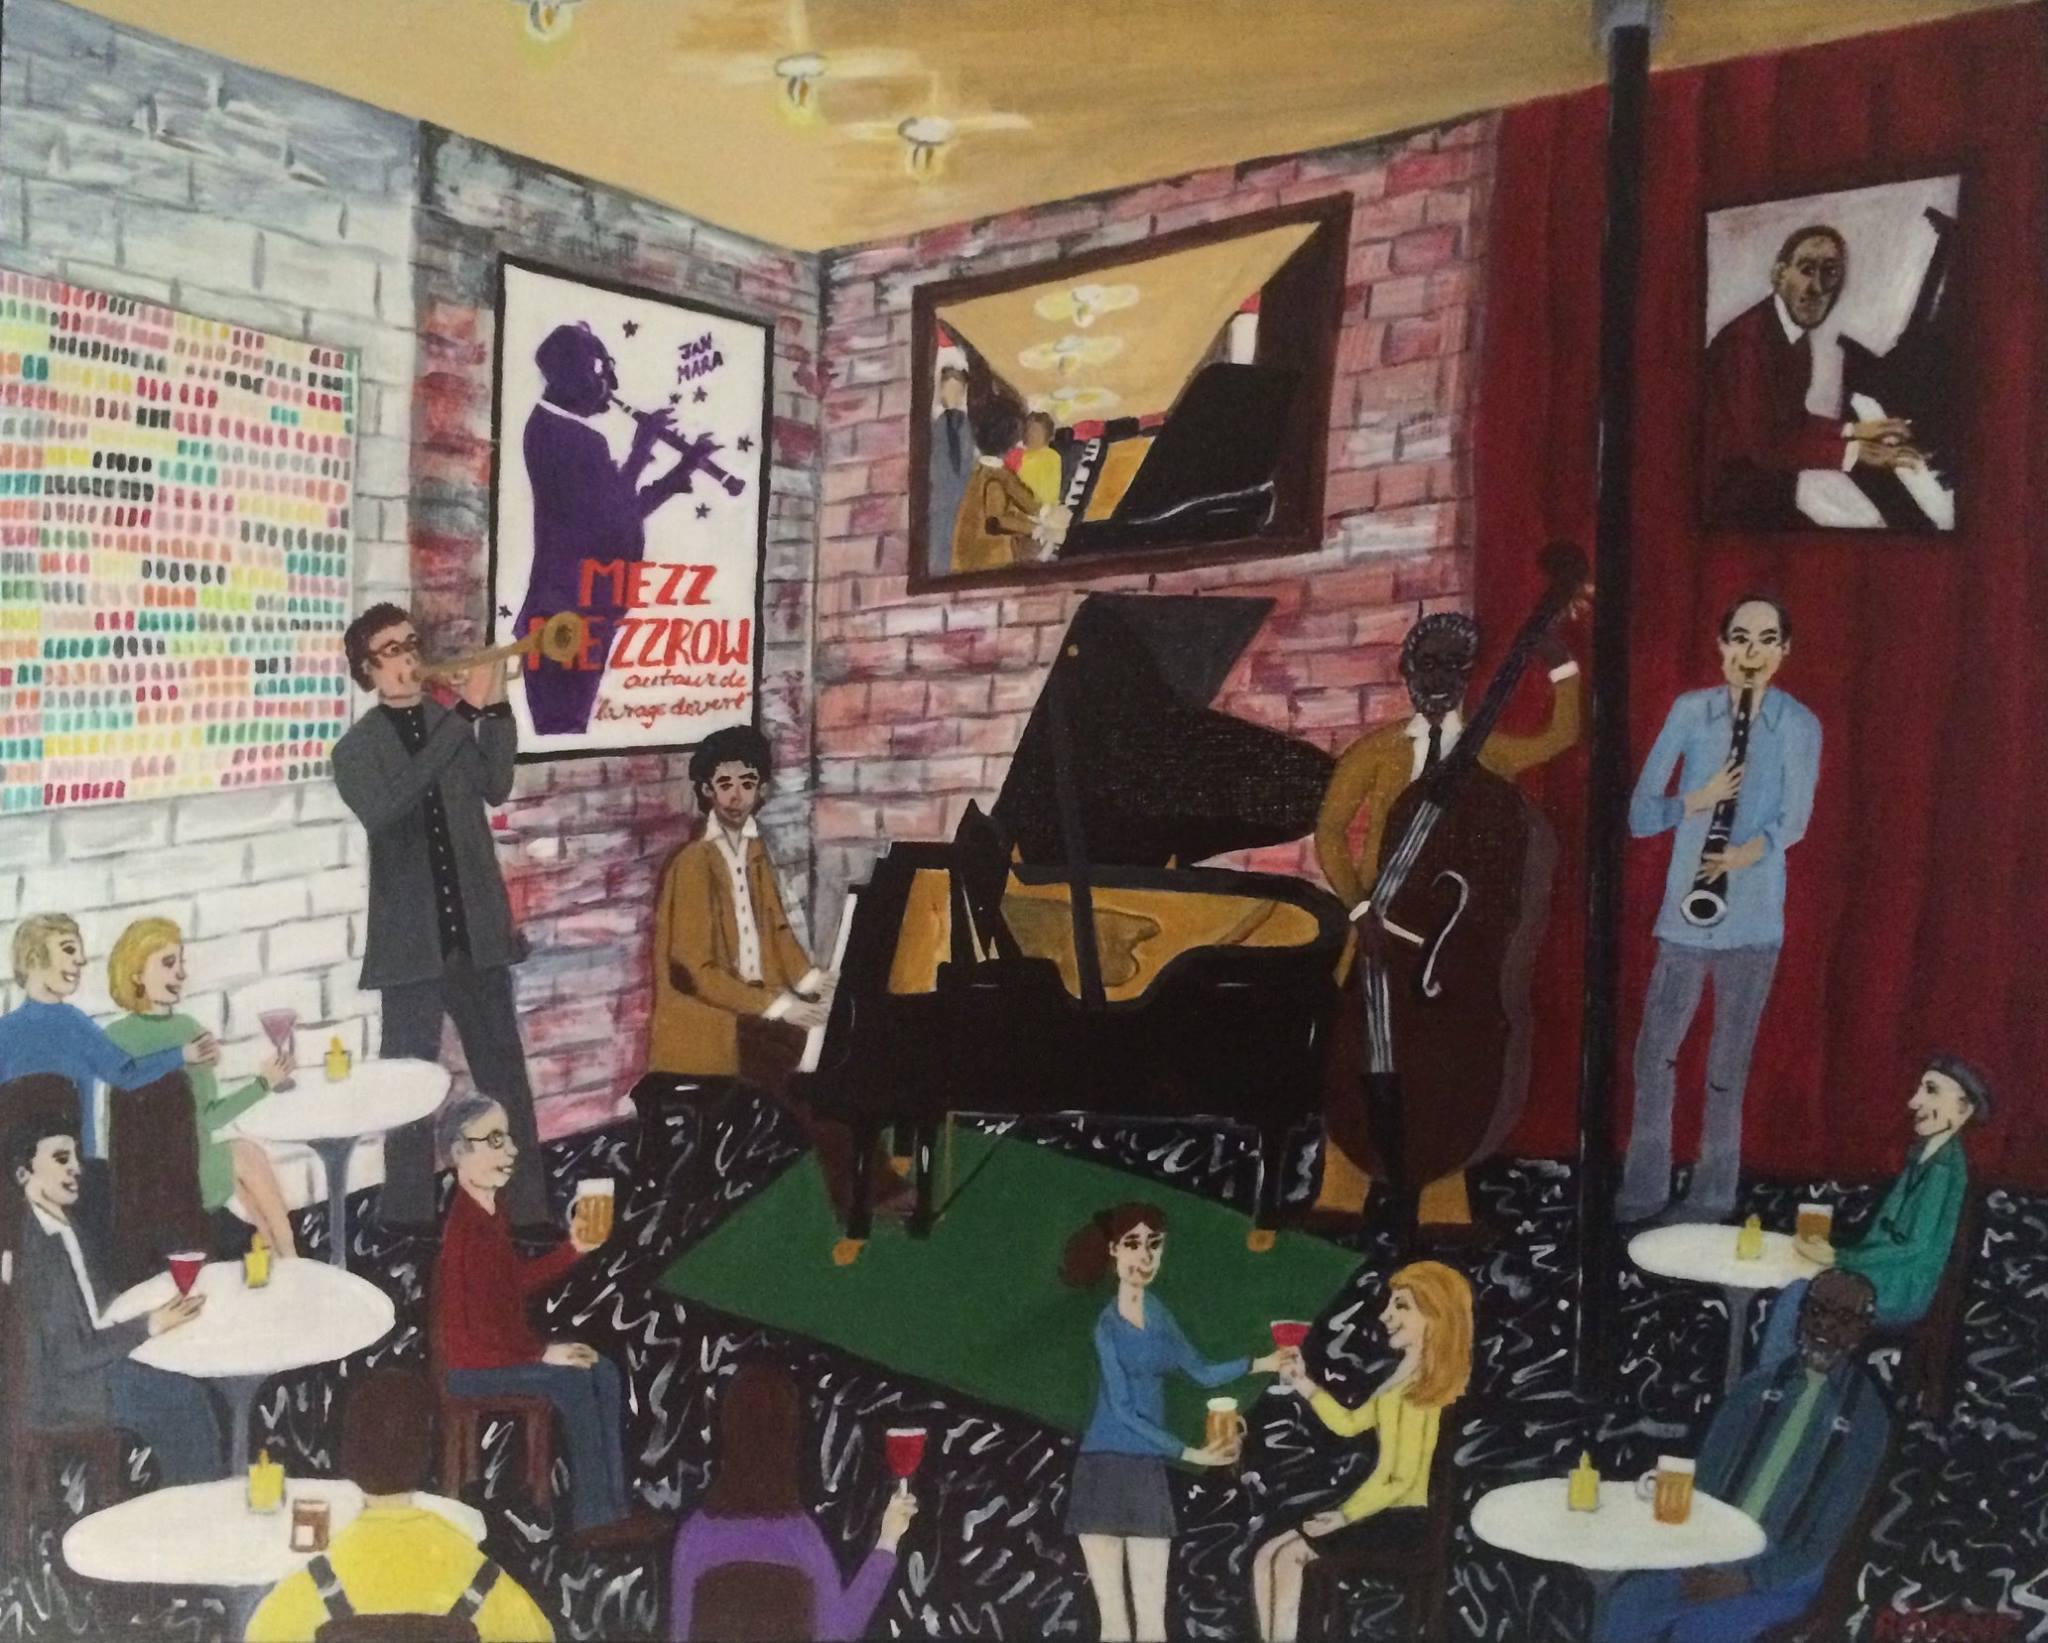 Mezzrow Jazz Club